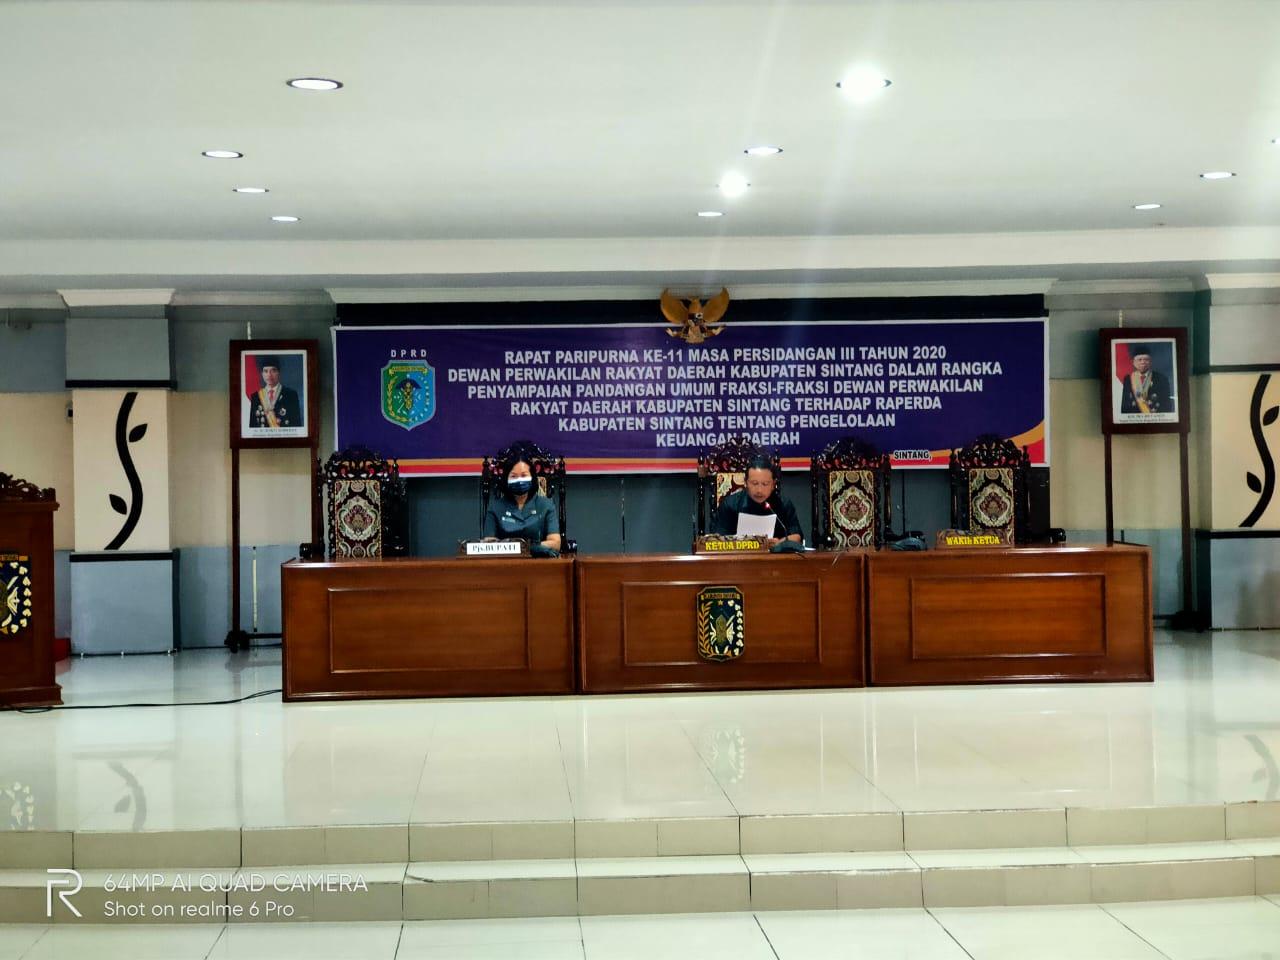 Rapat Paripurna DPRD Kabupaten Sintang Ke-11